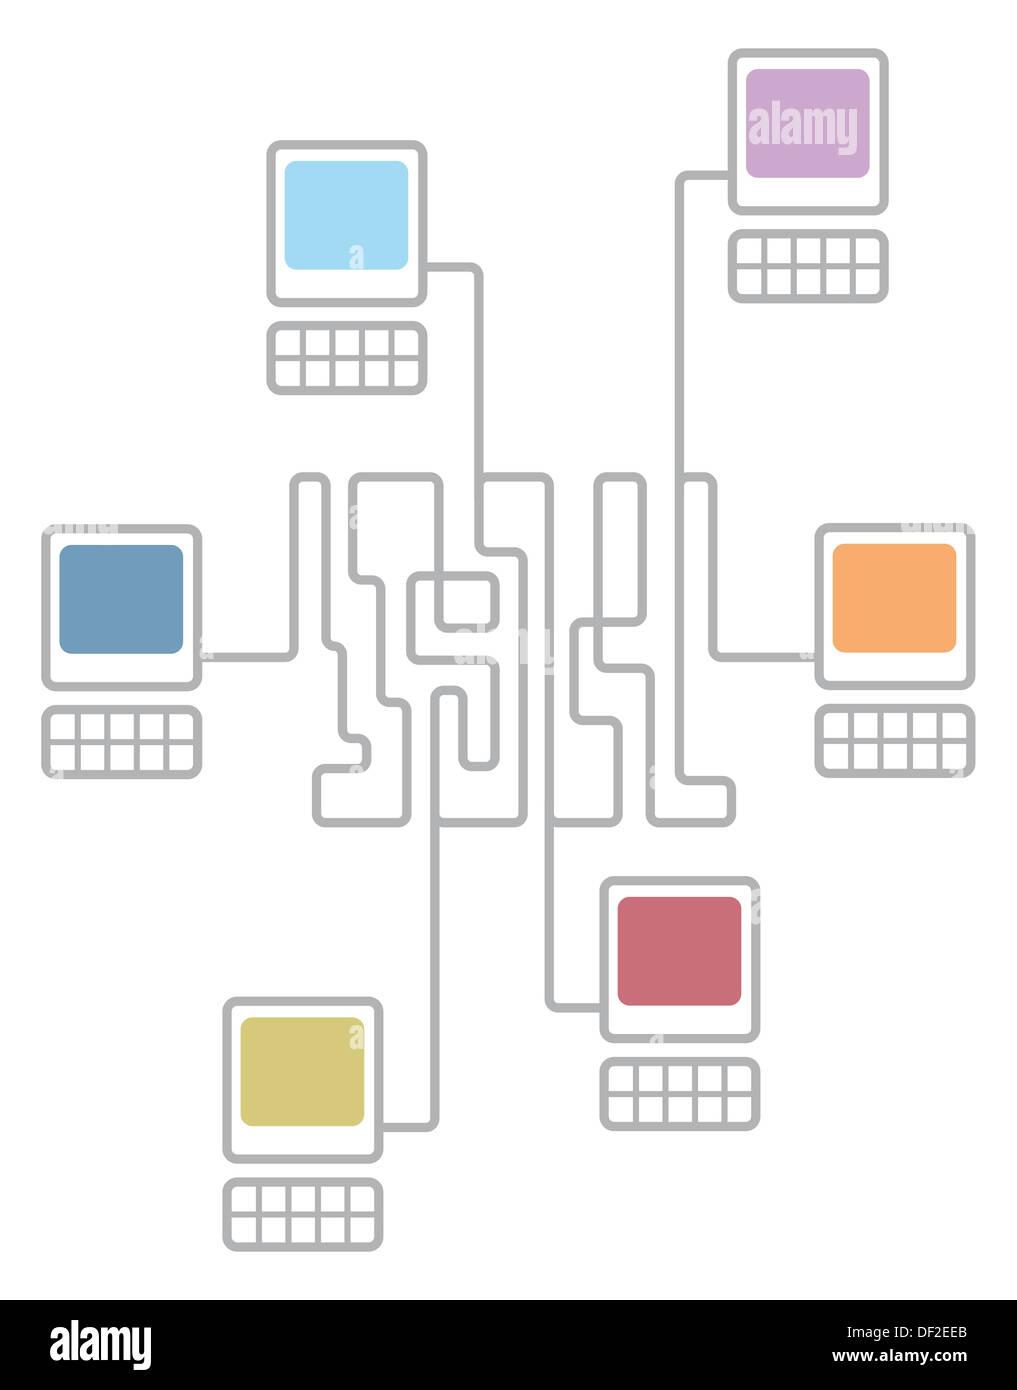 Nett Drahtloses Netzwerkdiagramm Zeitgenössisch - Die Besten ...